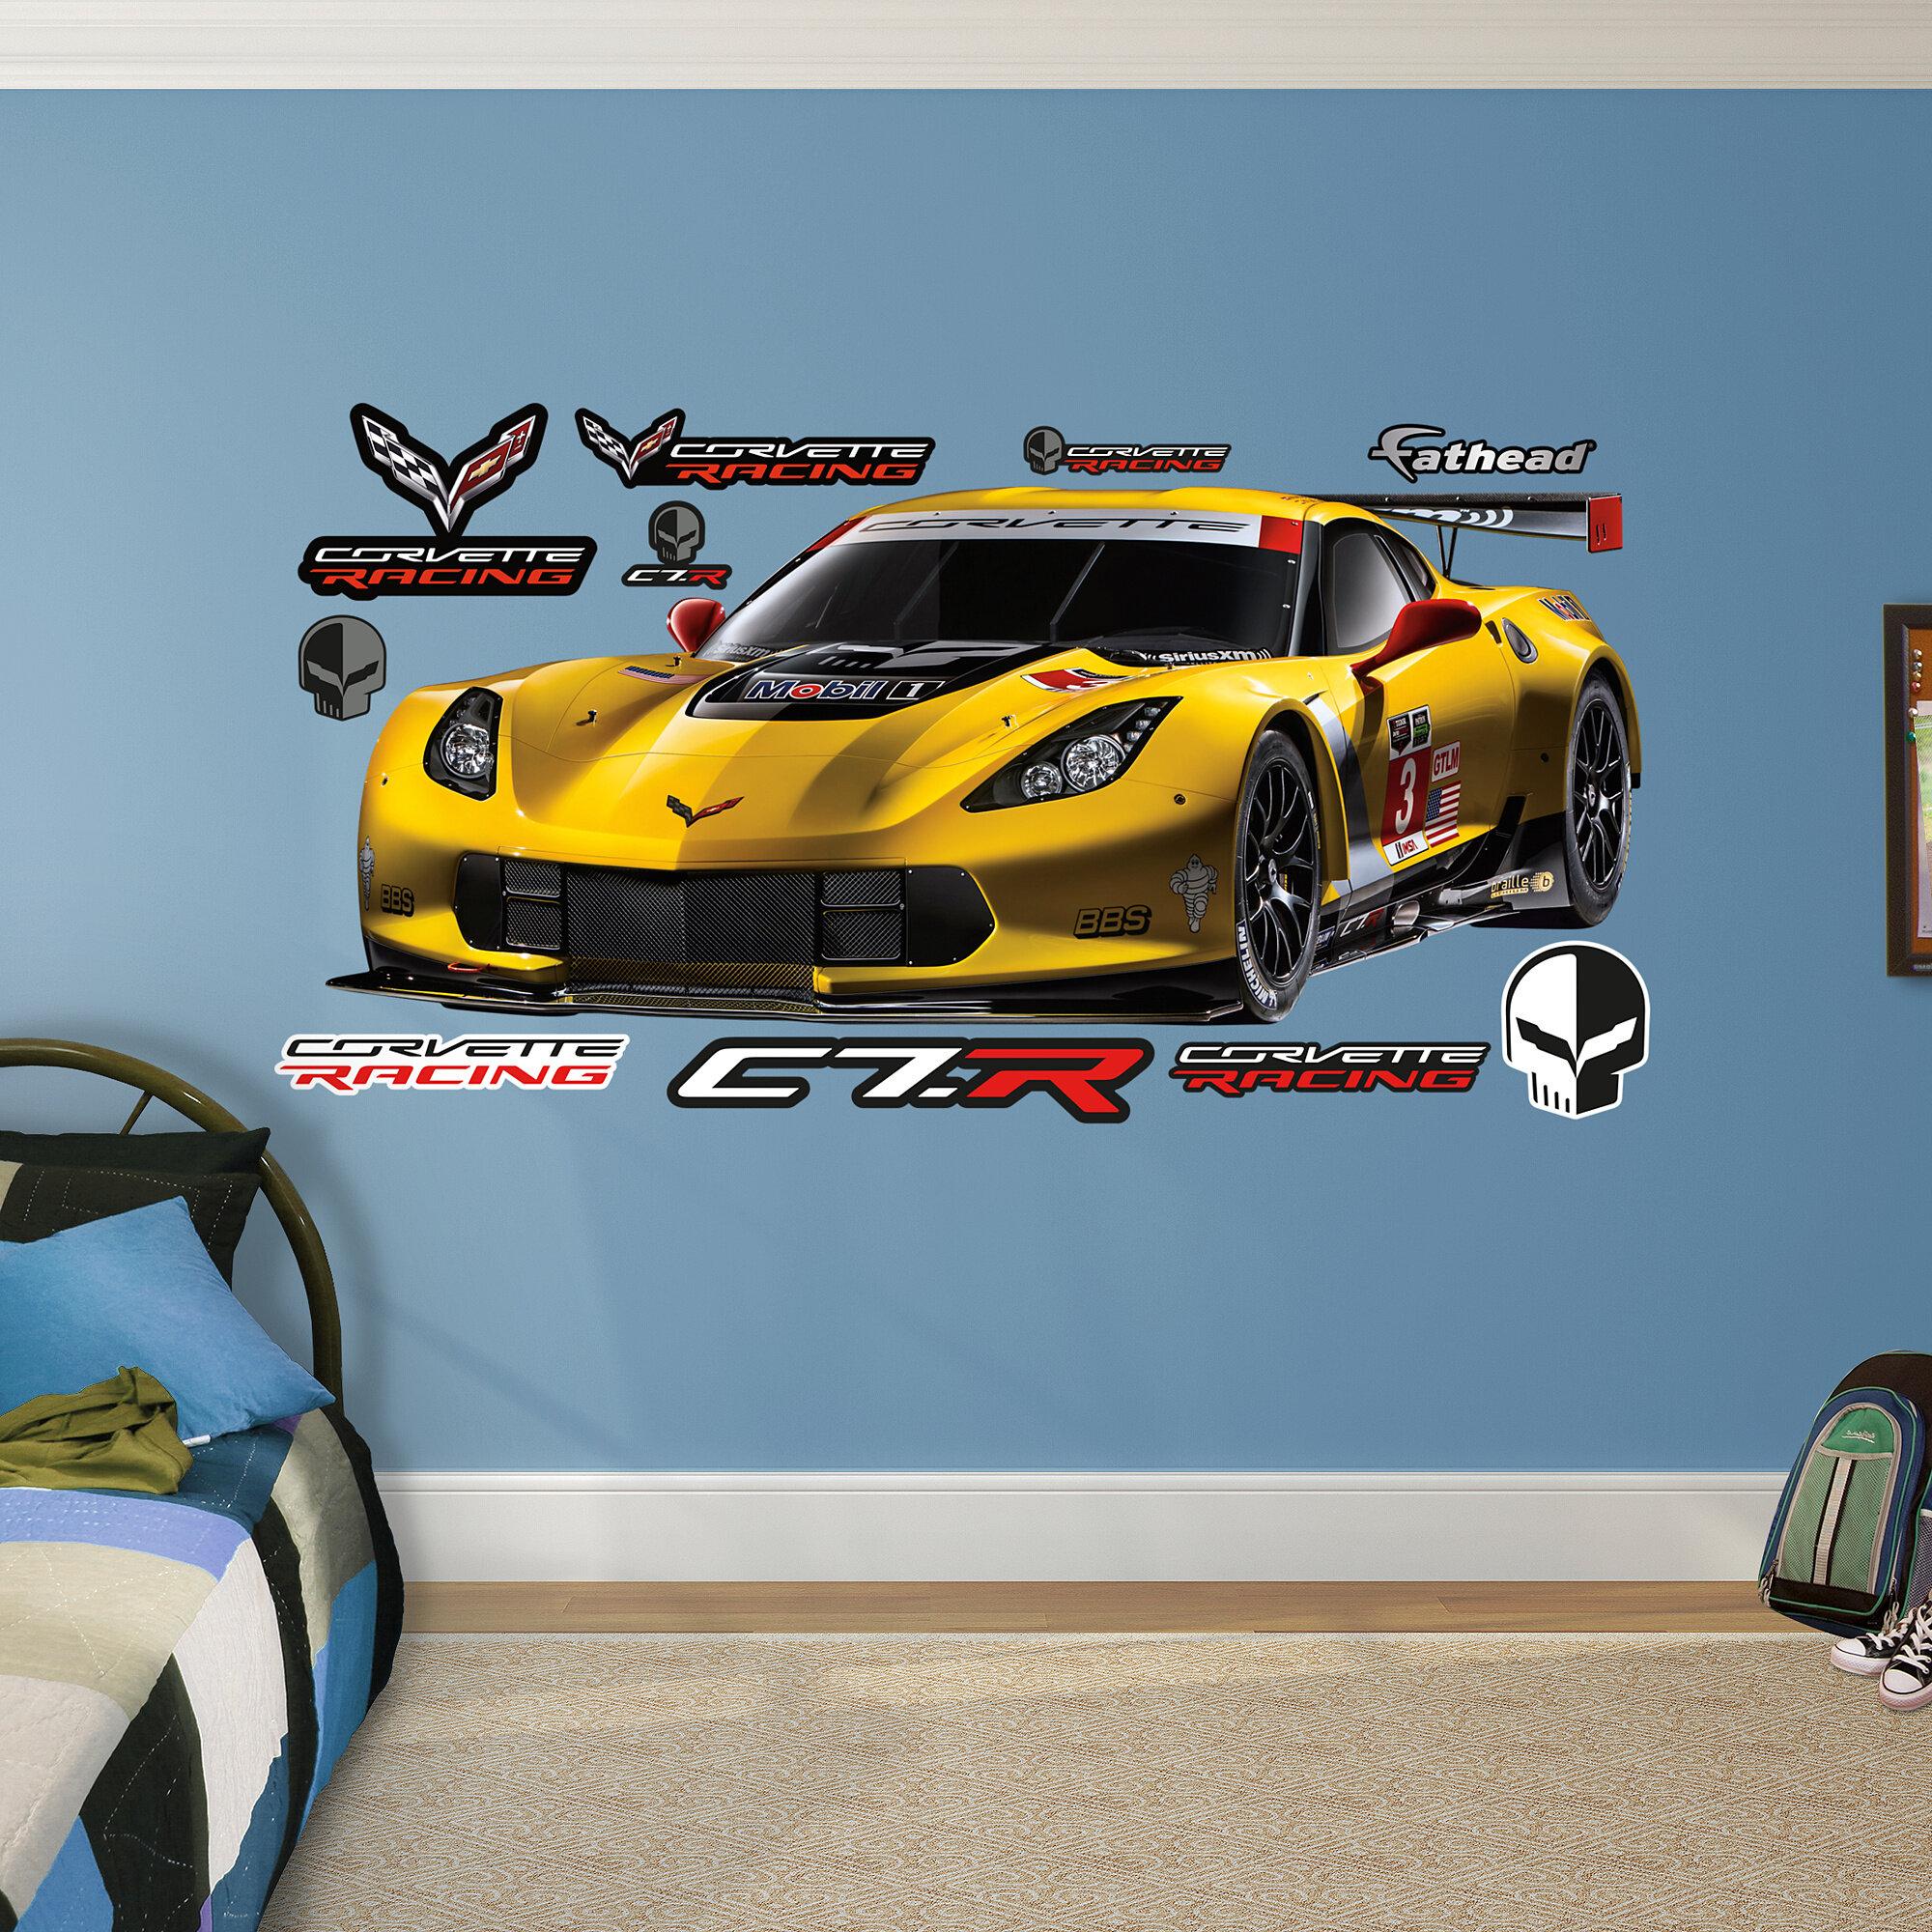 Corvette Sting Ray Framed Tile Ceramic Wall Art Home Decor